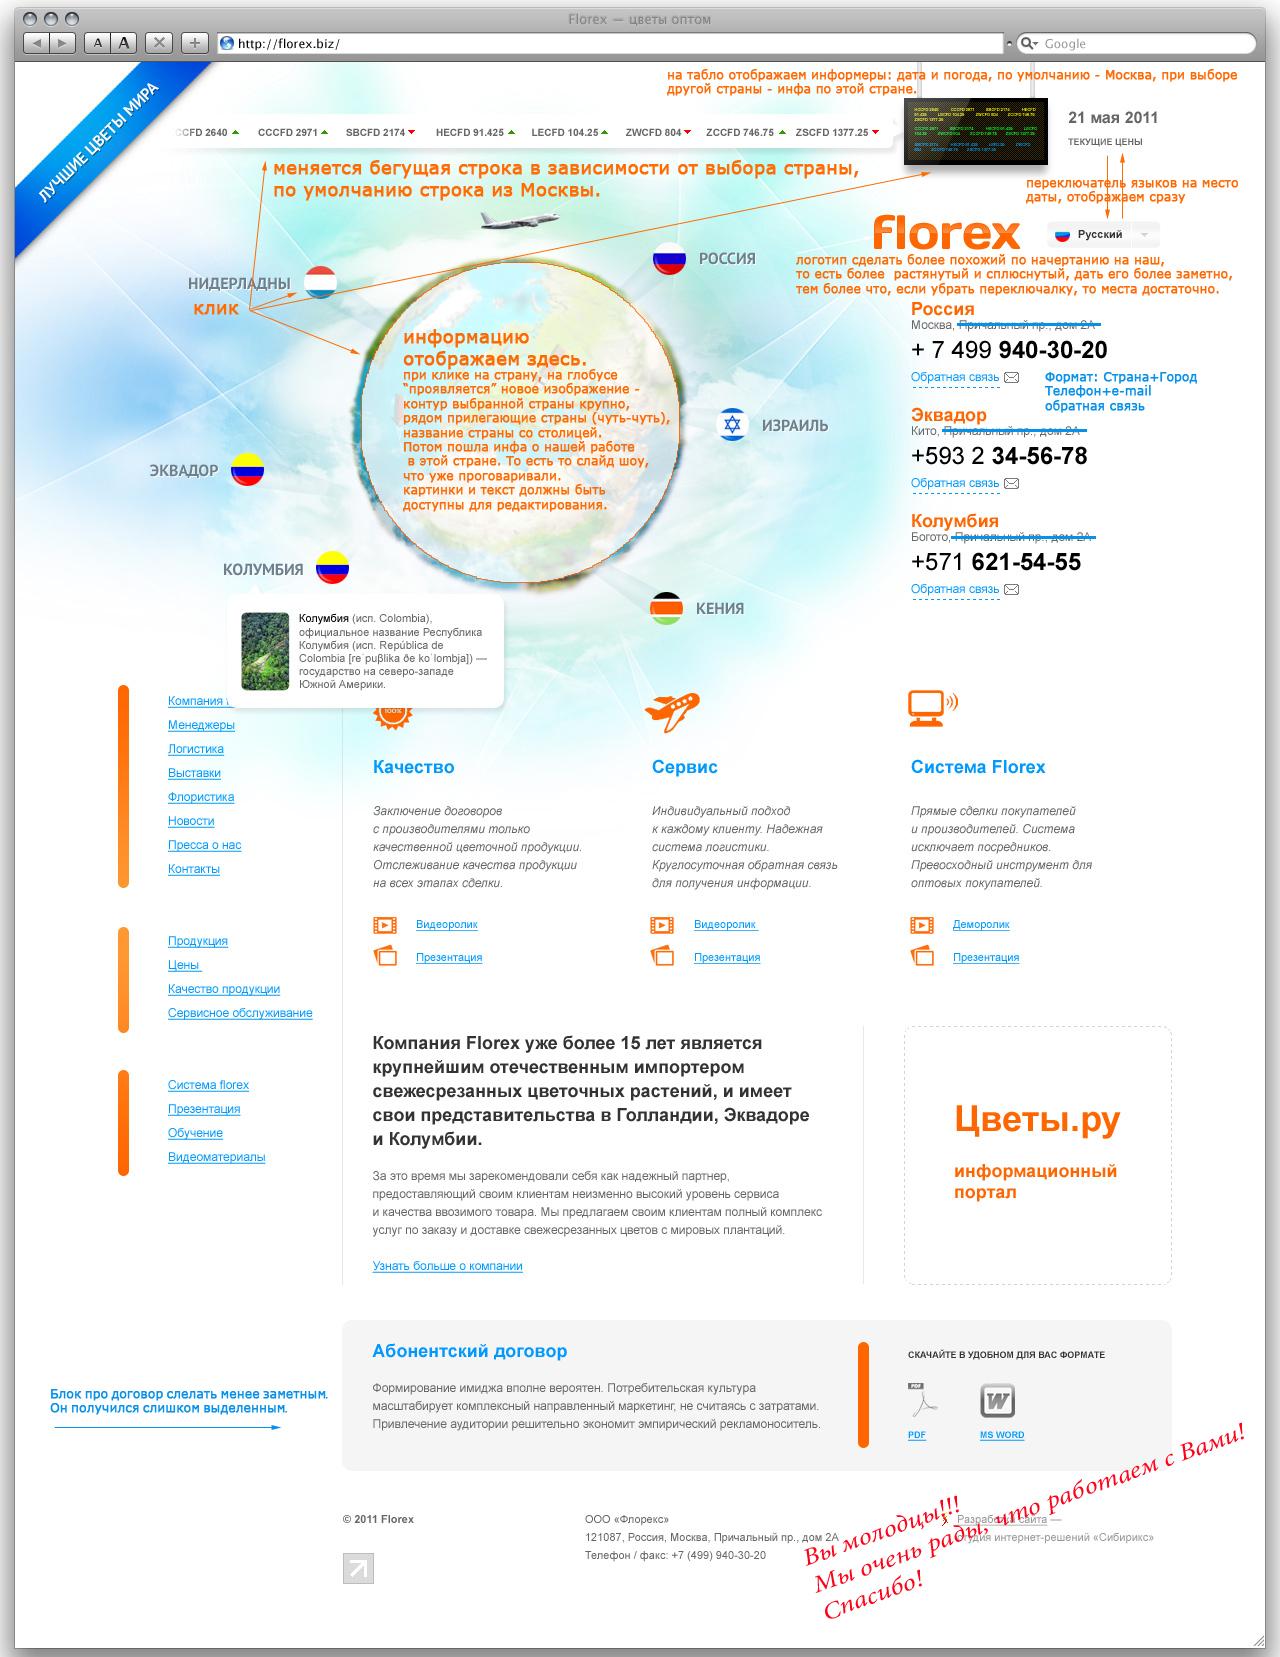 Как сделать свой сайт интерактивным 348